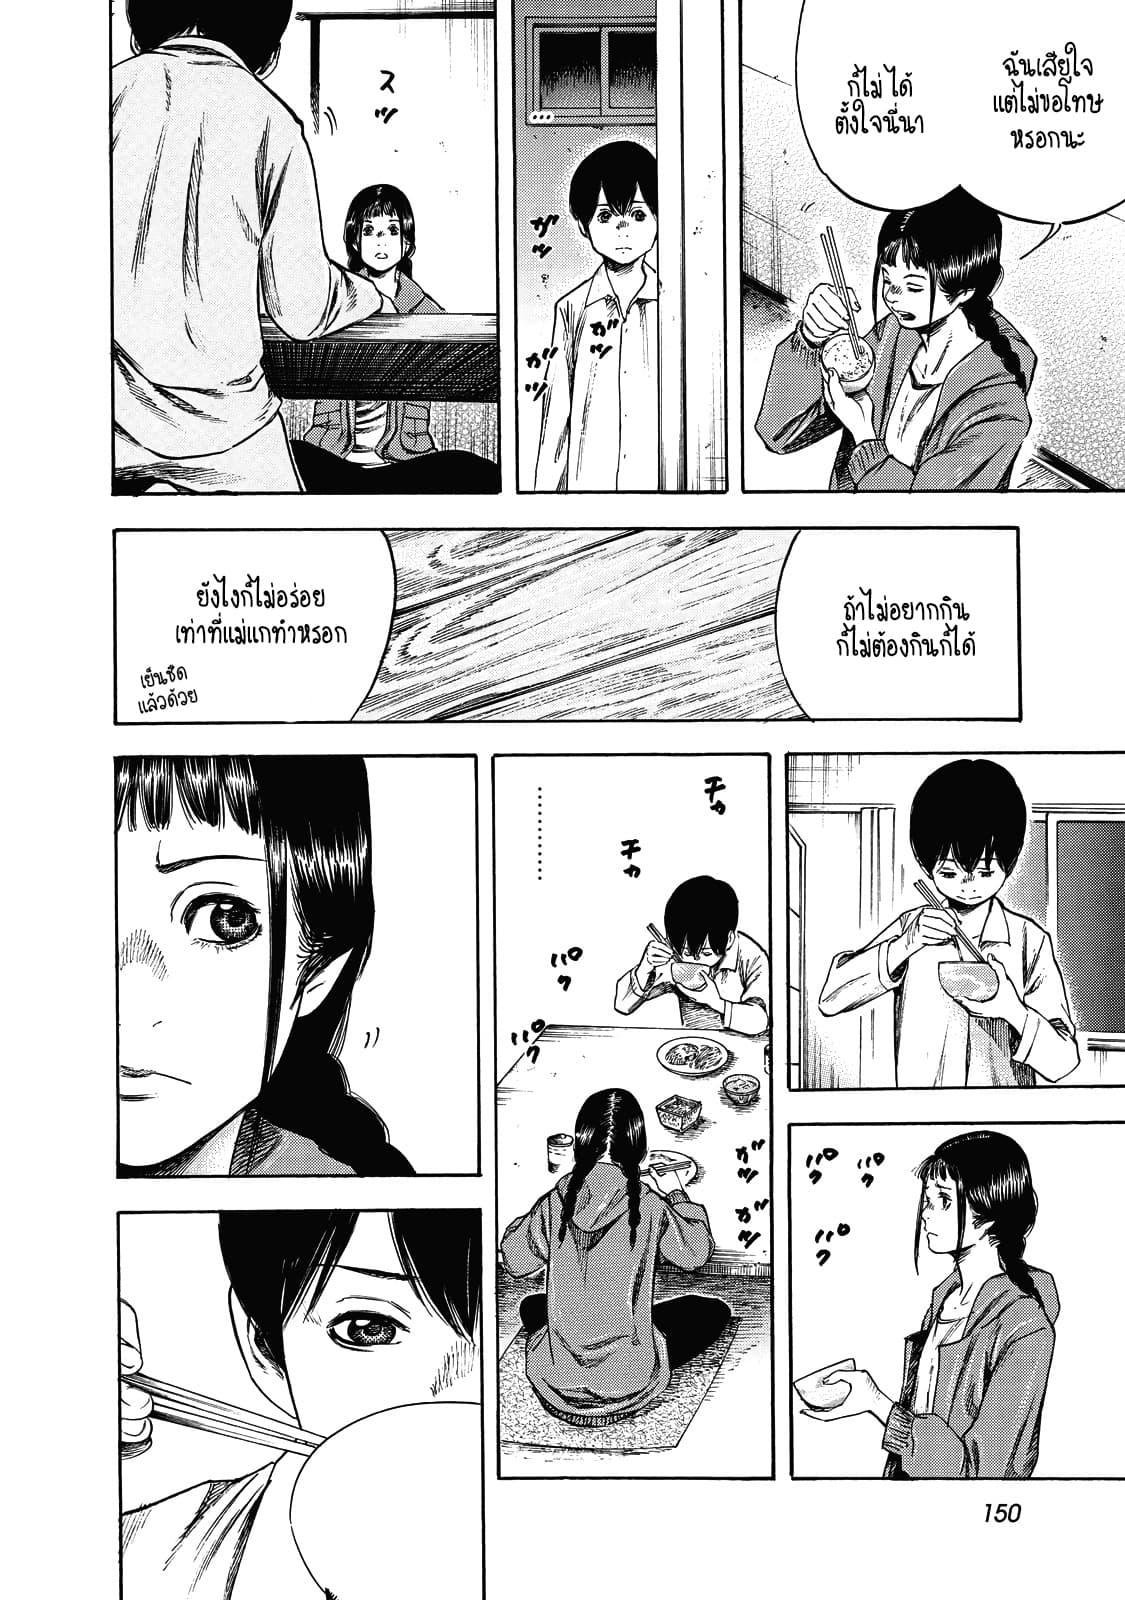 อ่านการ์ตูน Suzuki-san wa Tada Shizuka ni Kurashitai ตอนที่ 5 หน้าที่ 20